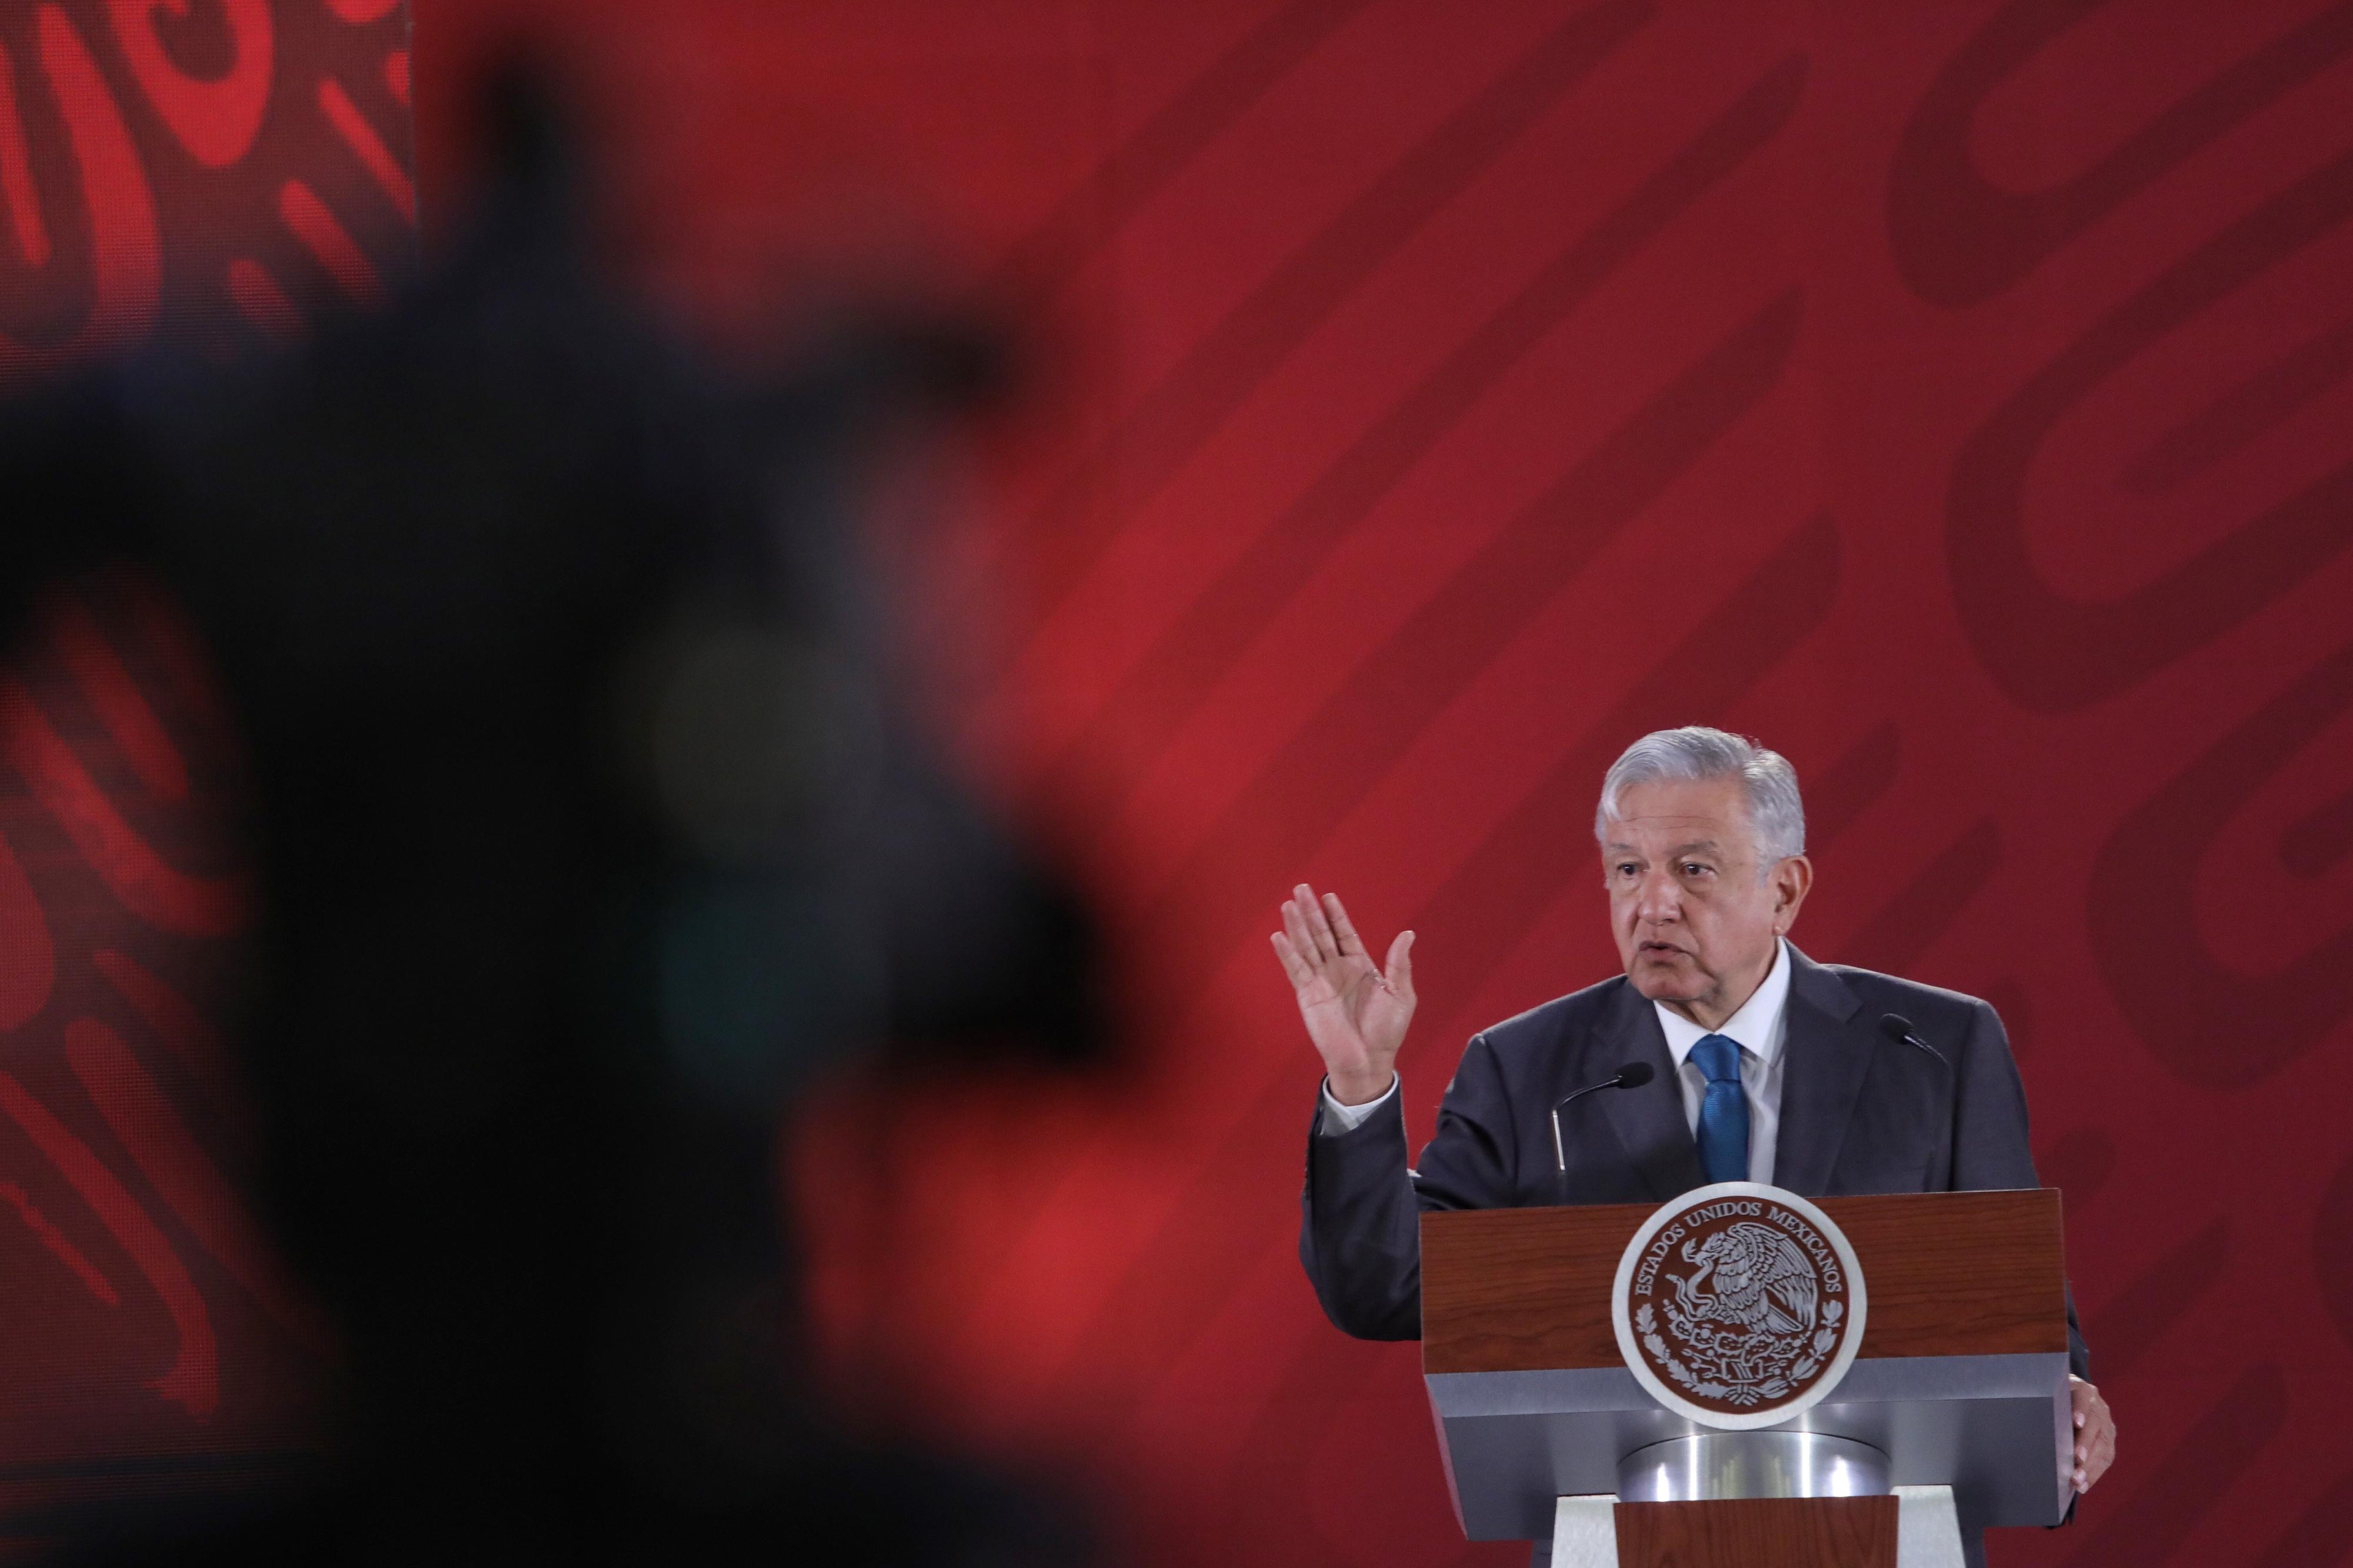 México vai converter ilha-prisão num centro educativo e cultural